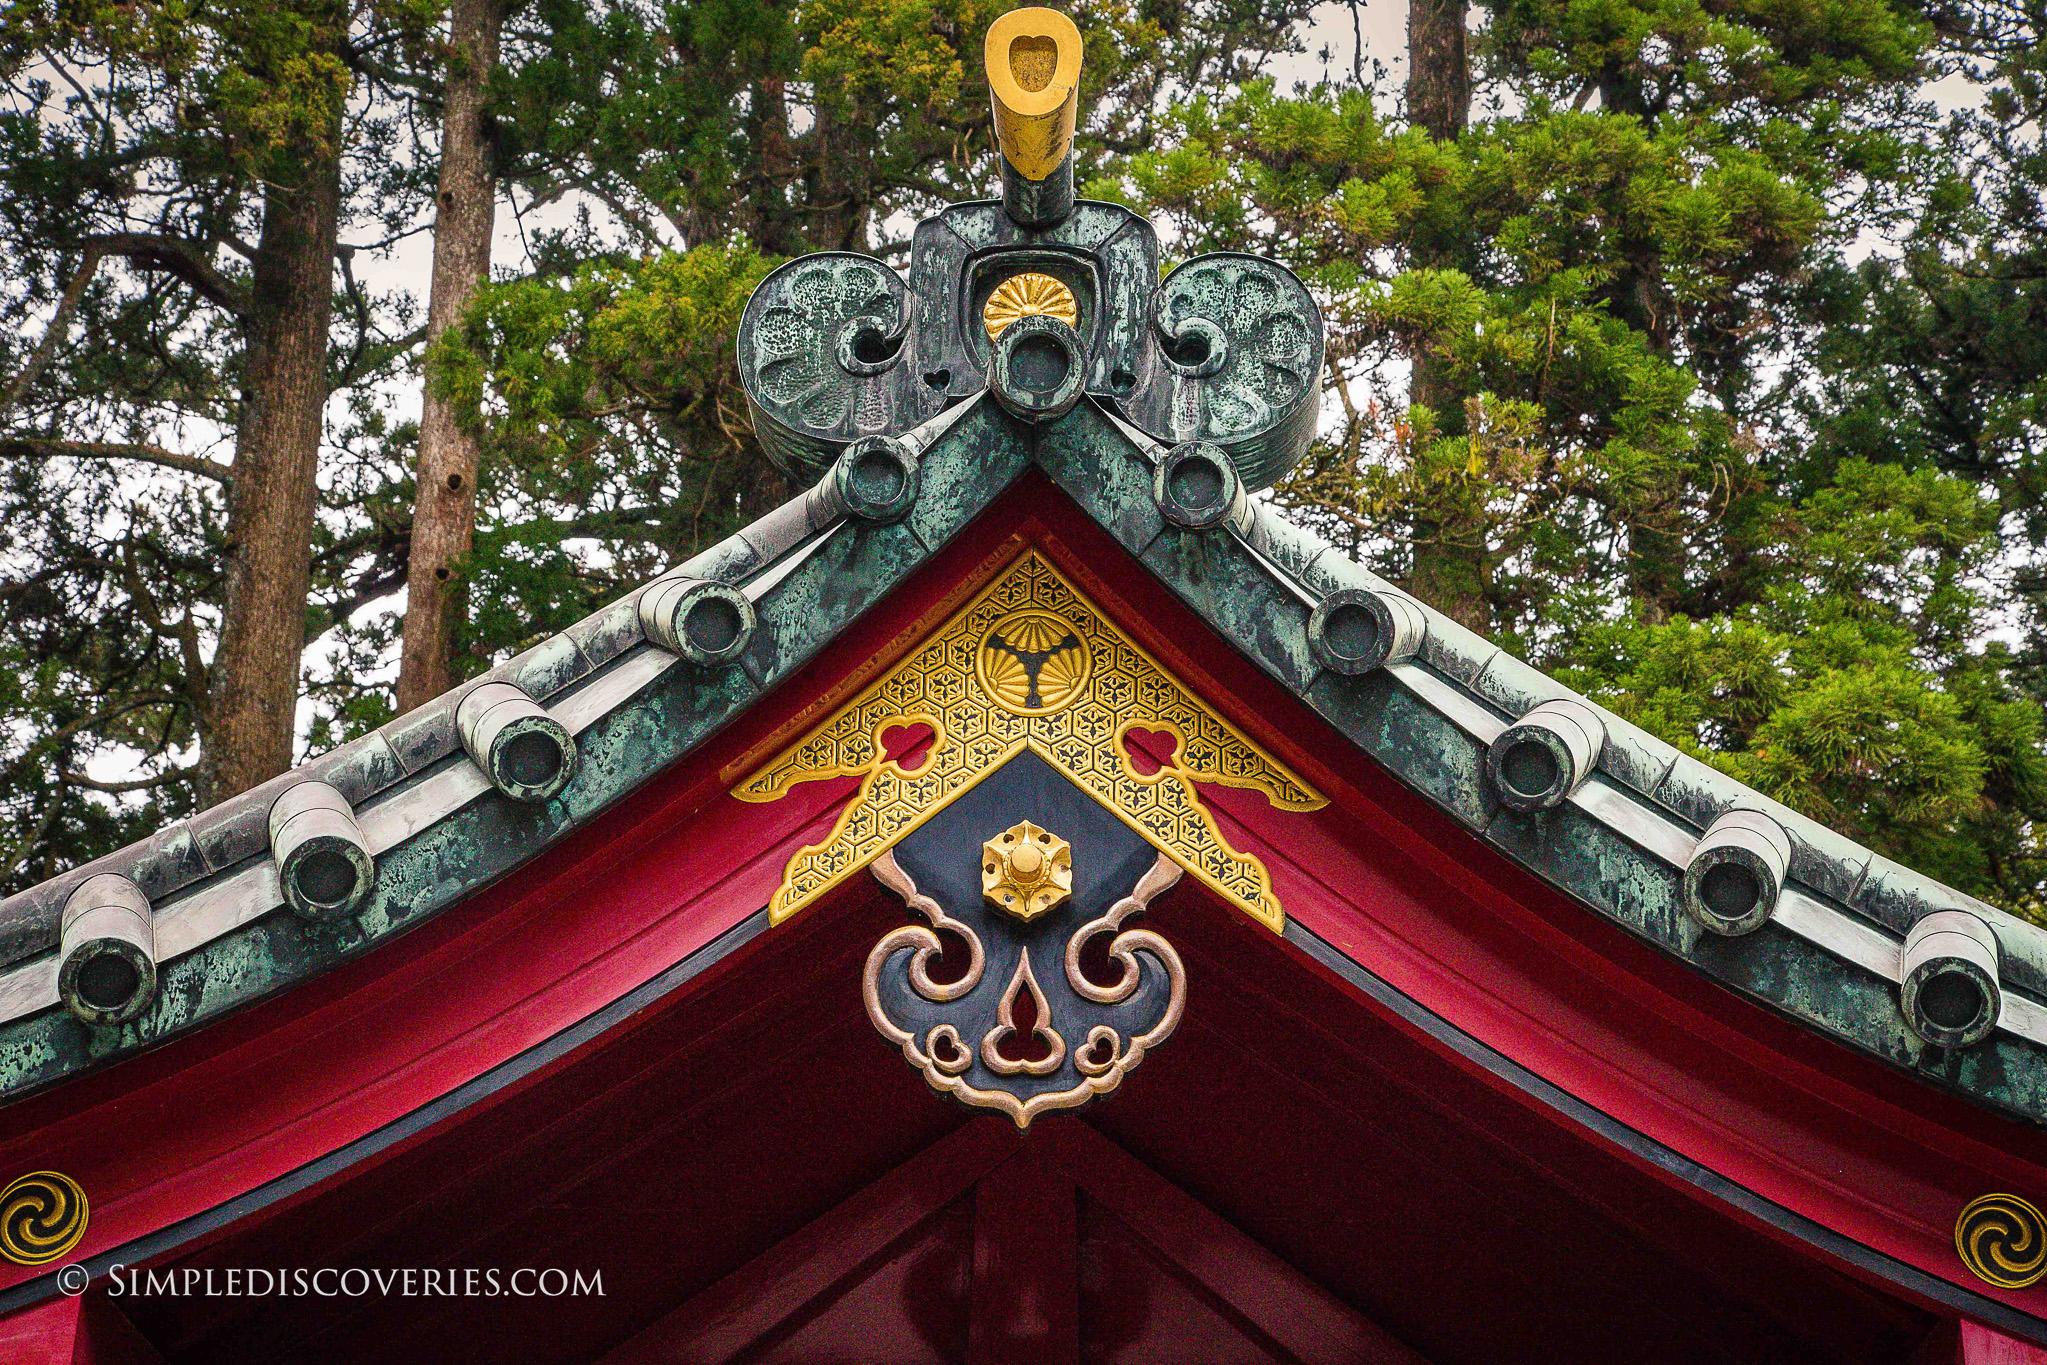 Hakone_Shrine_Roof_Japan